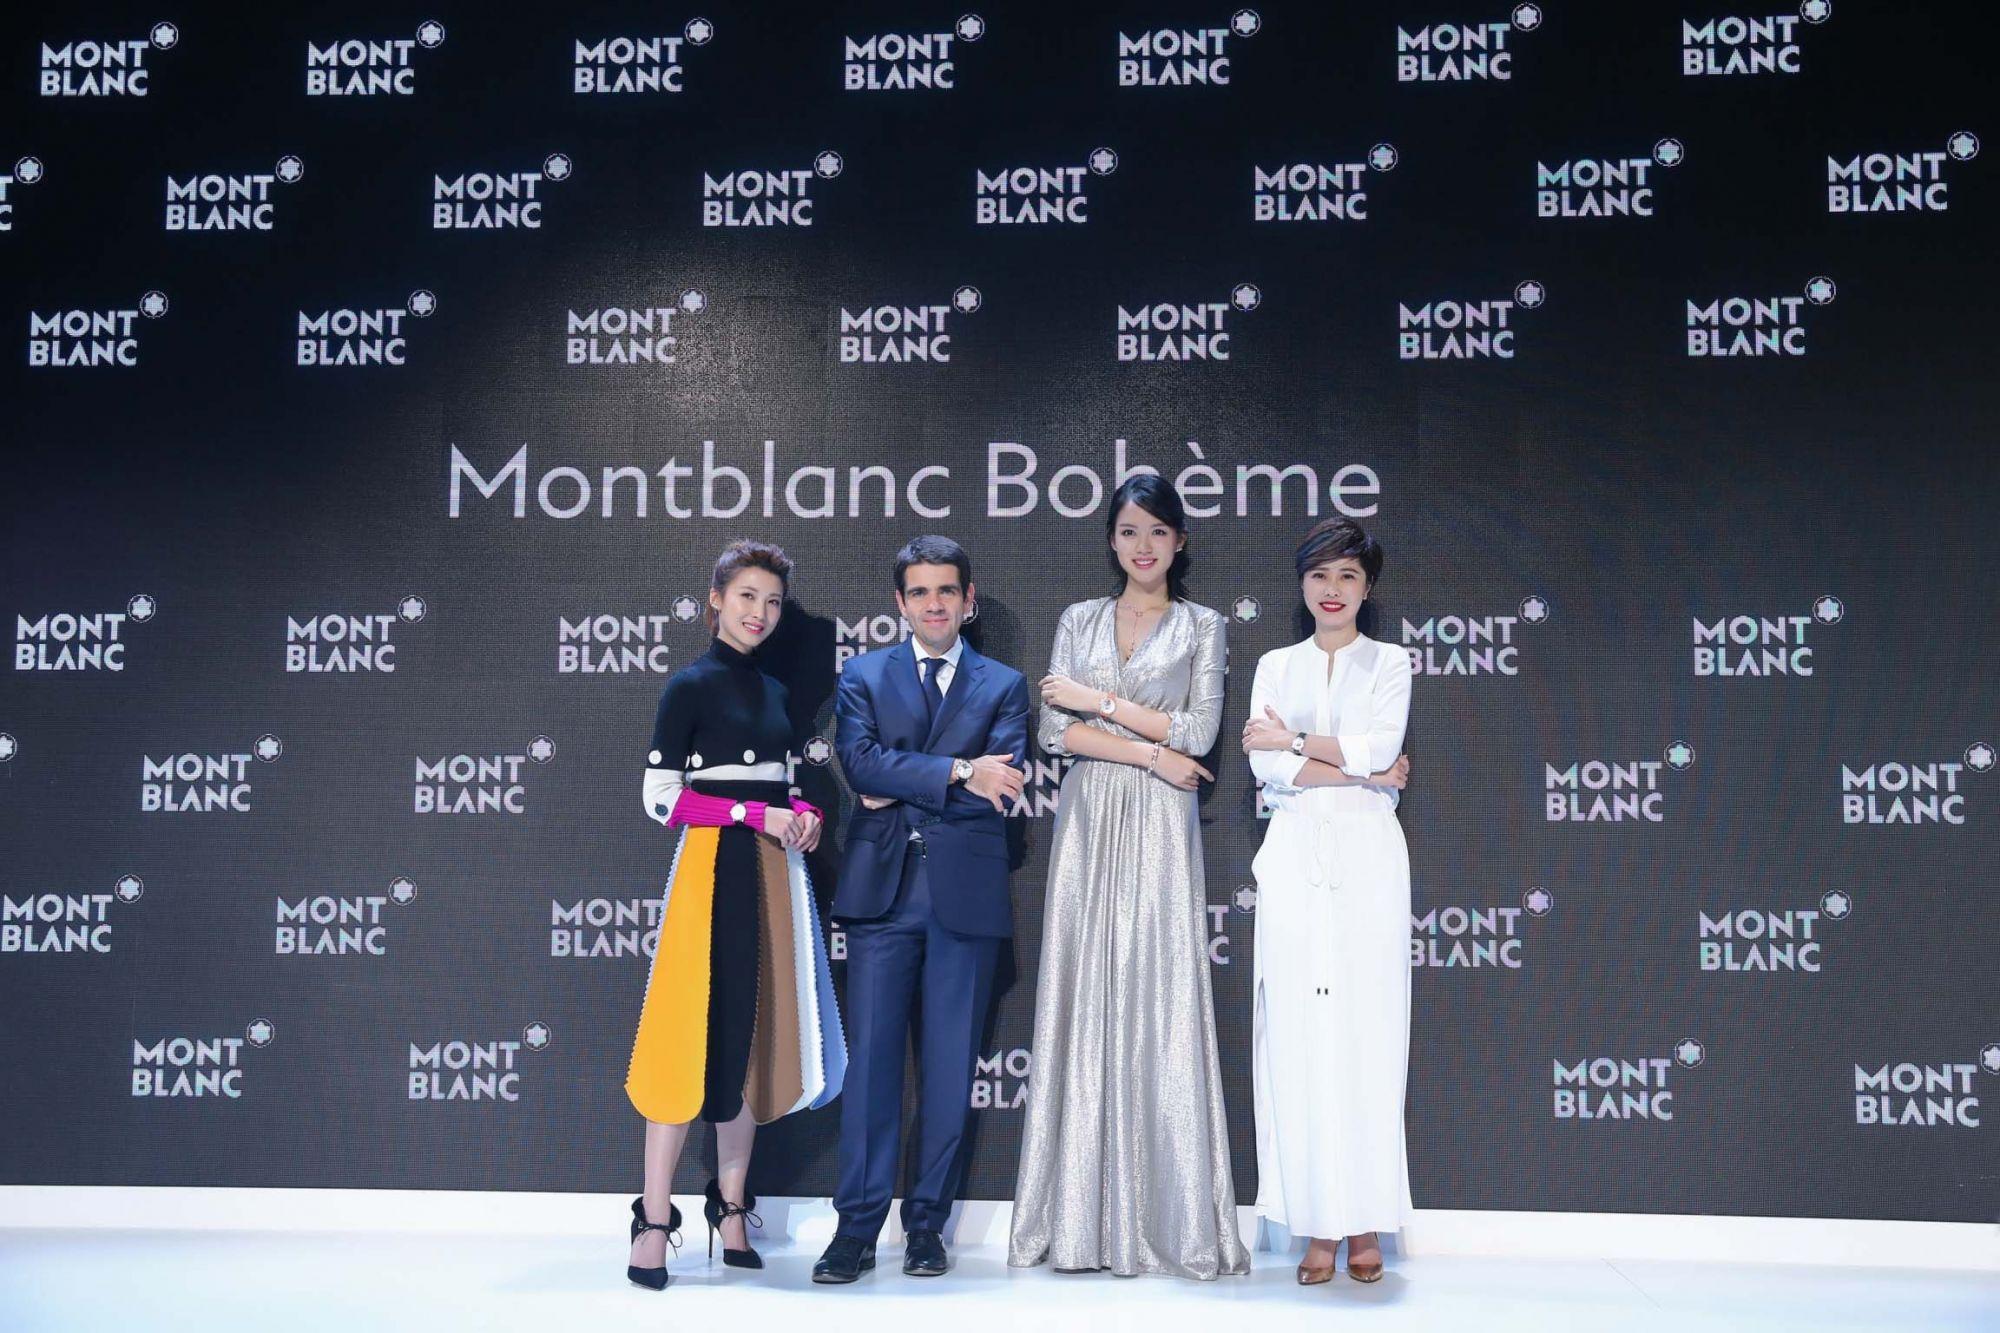 Jeanette Aw, Jérôme Lambert, Zhang Zilin, Xue Xiaolu